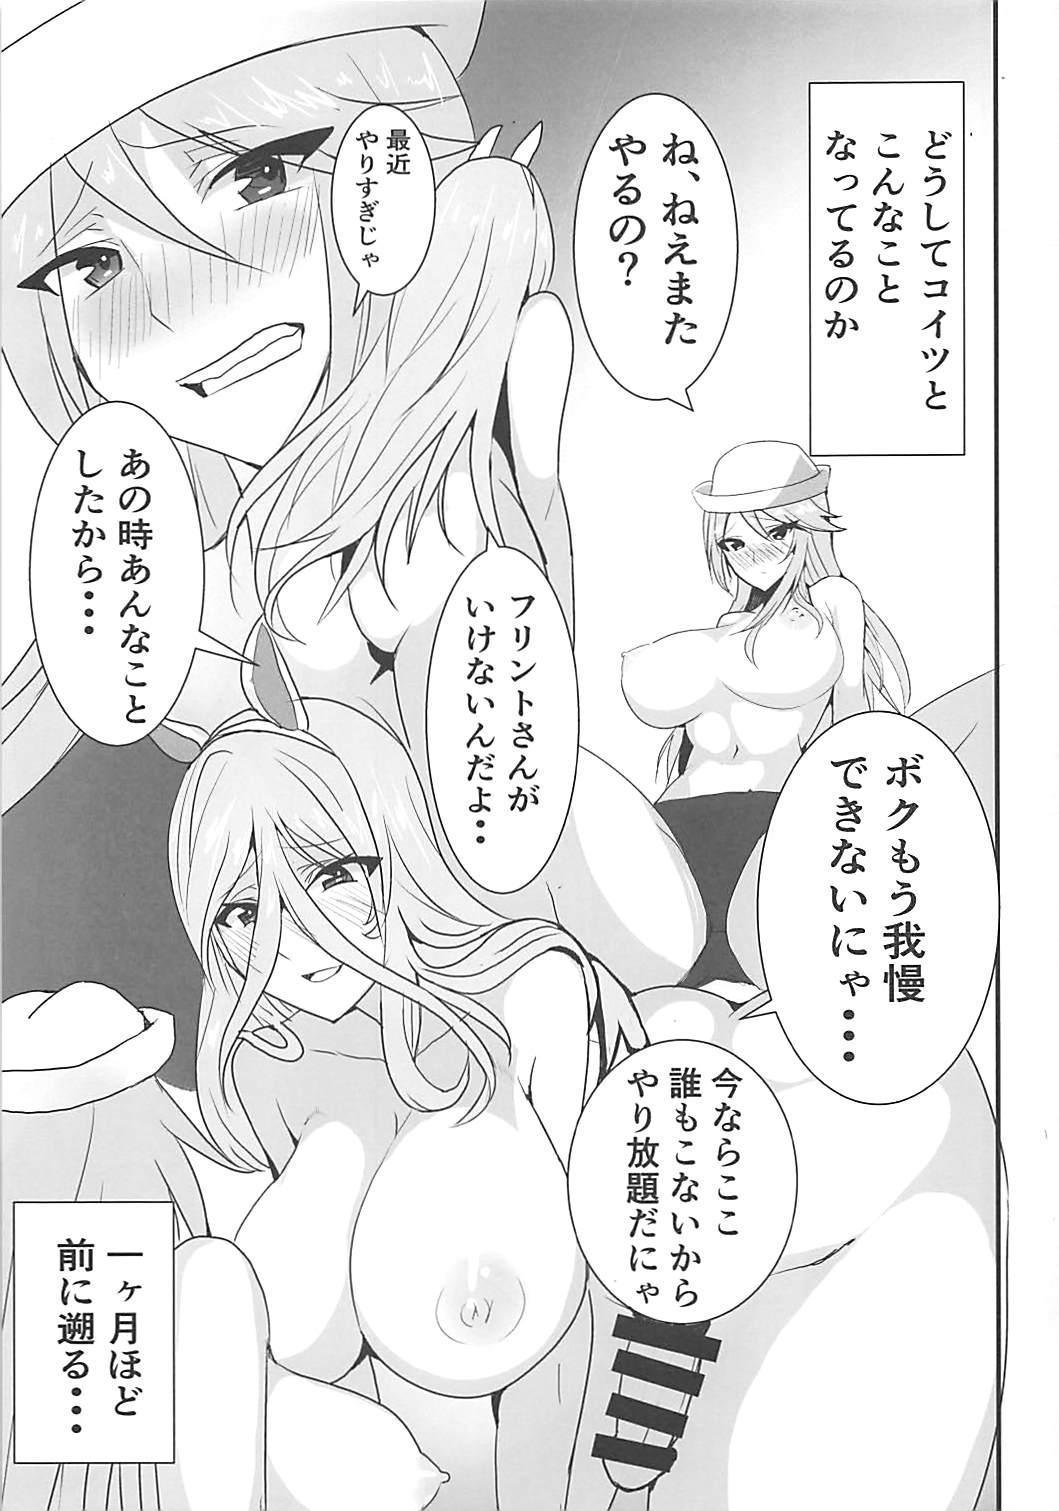 Kaizoku Kitsune to Futanari Neko 1